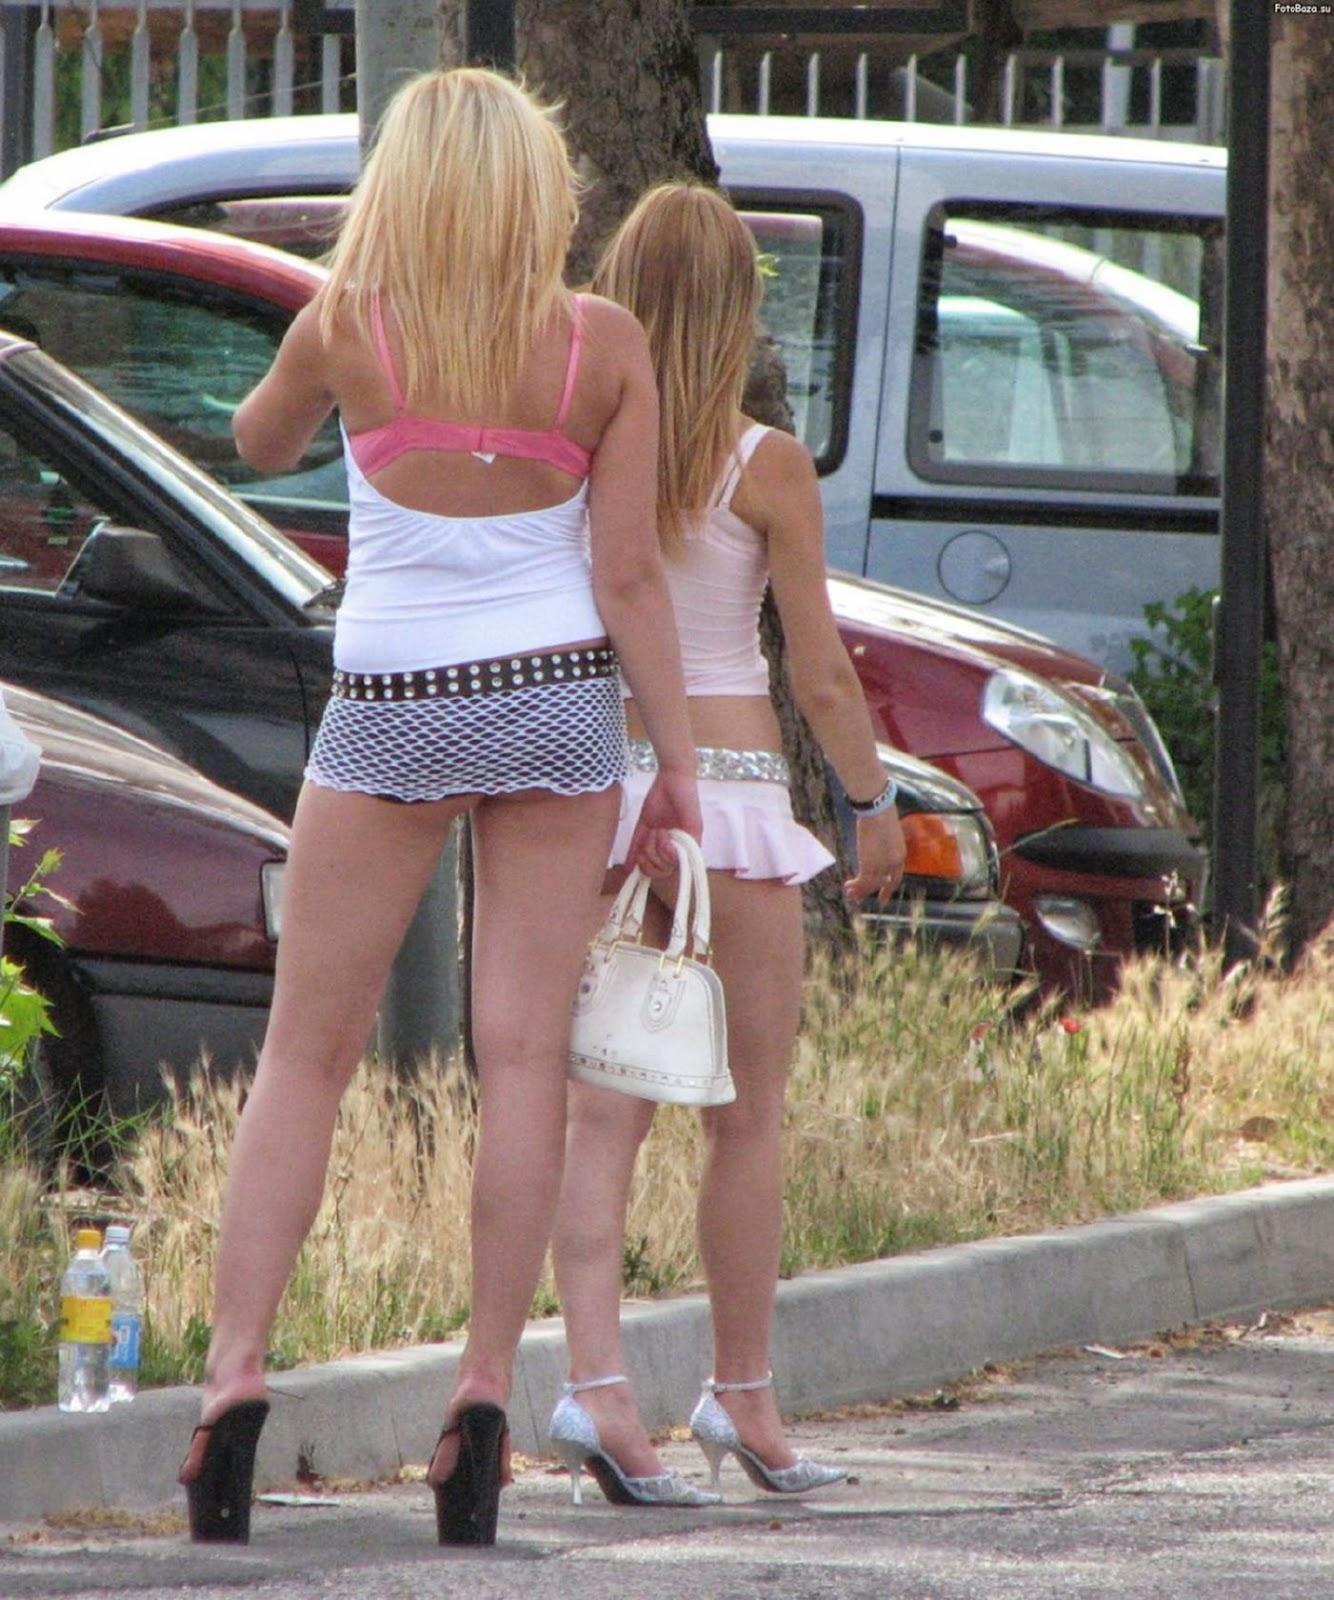 juegos prostitutas putas de  años